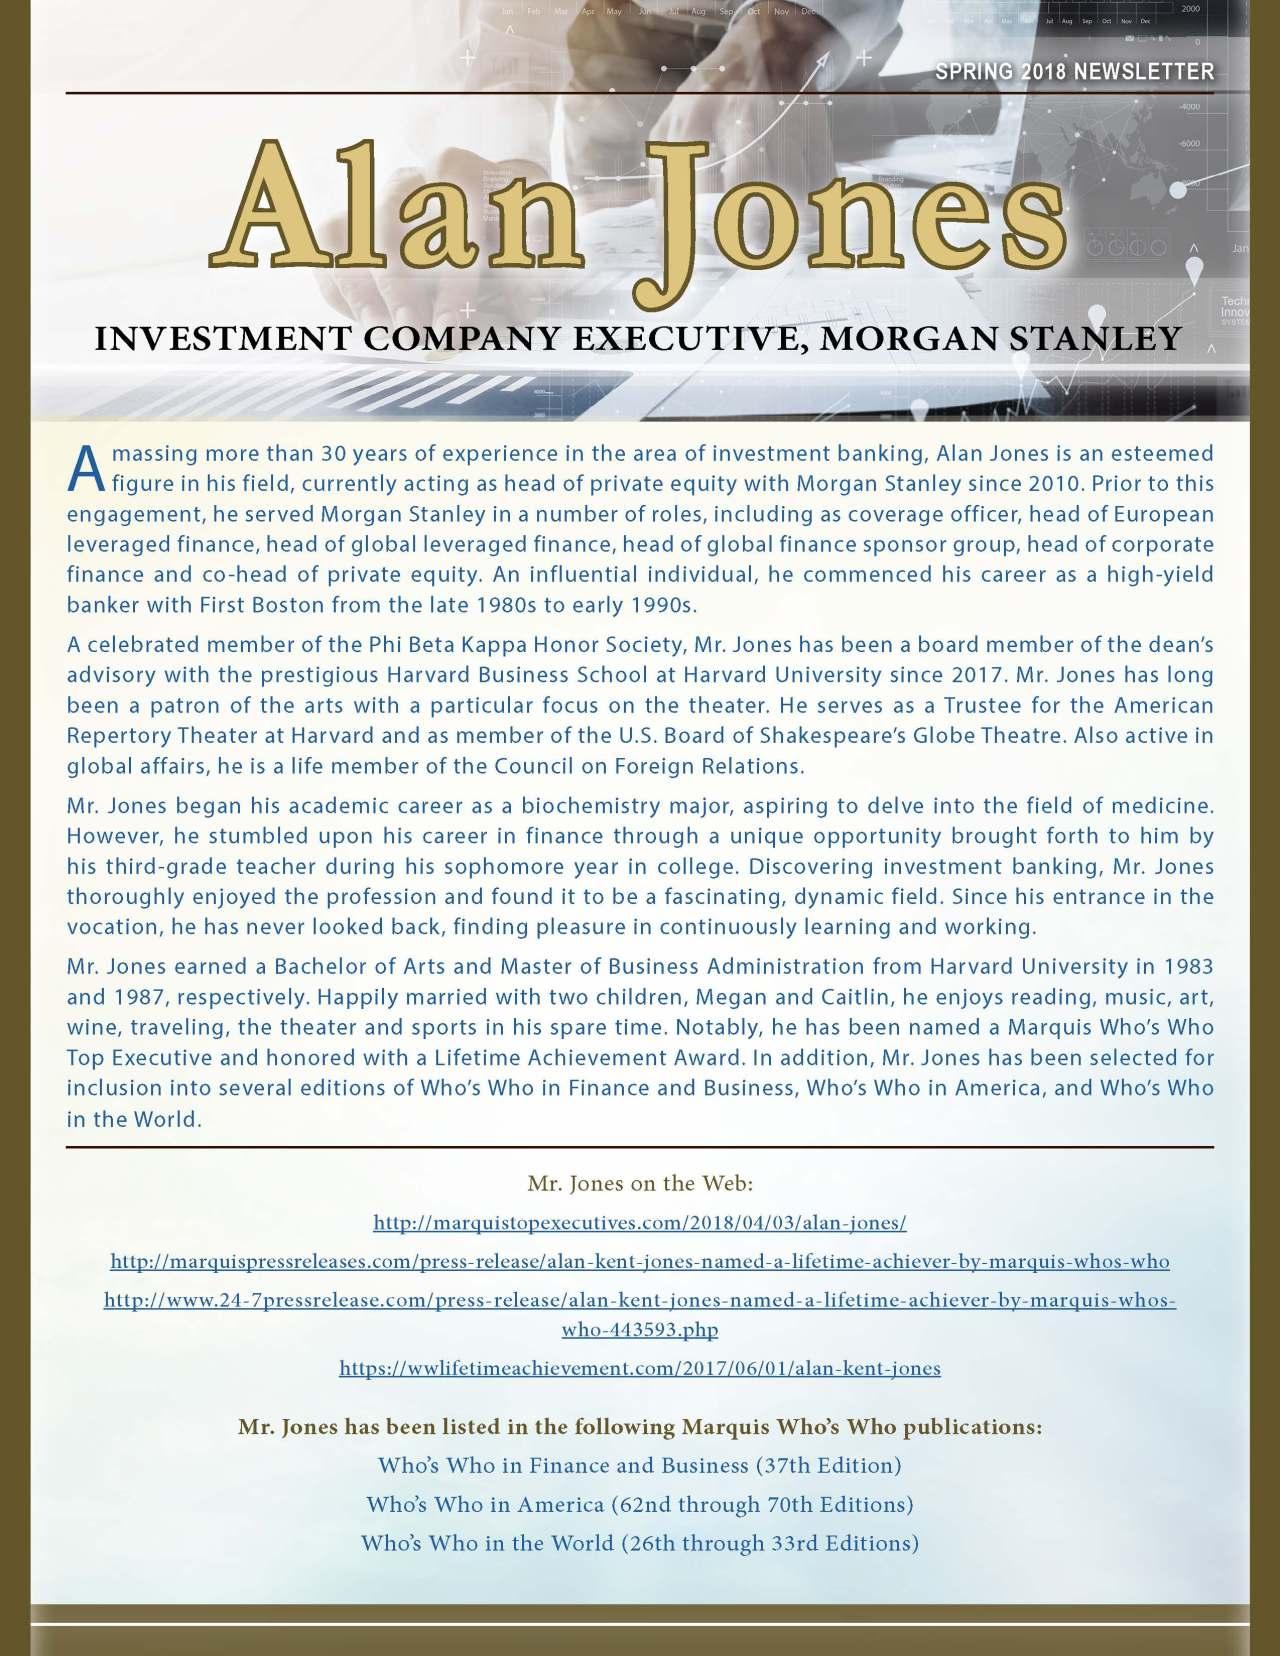 Jones, Alan 2156151_32820699 Newsletter REVISED